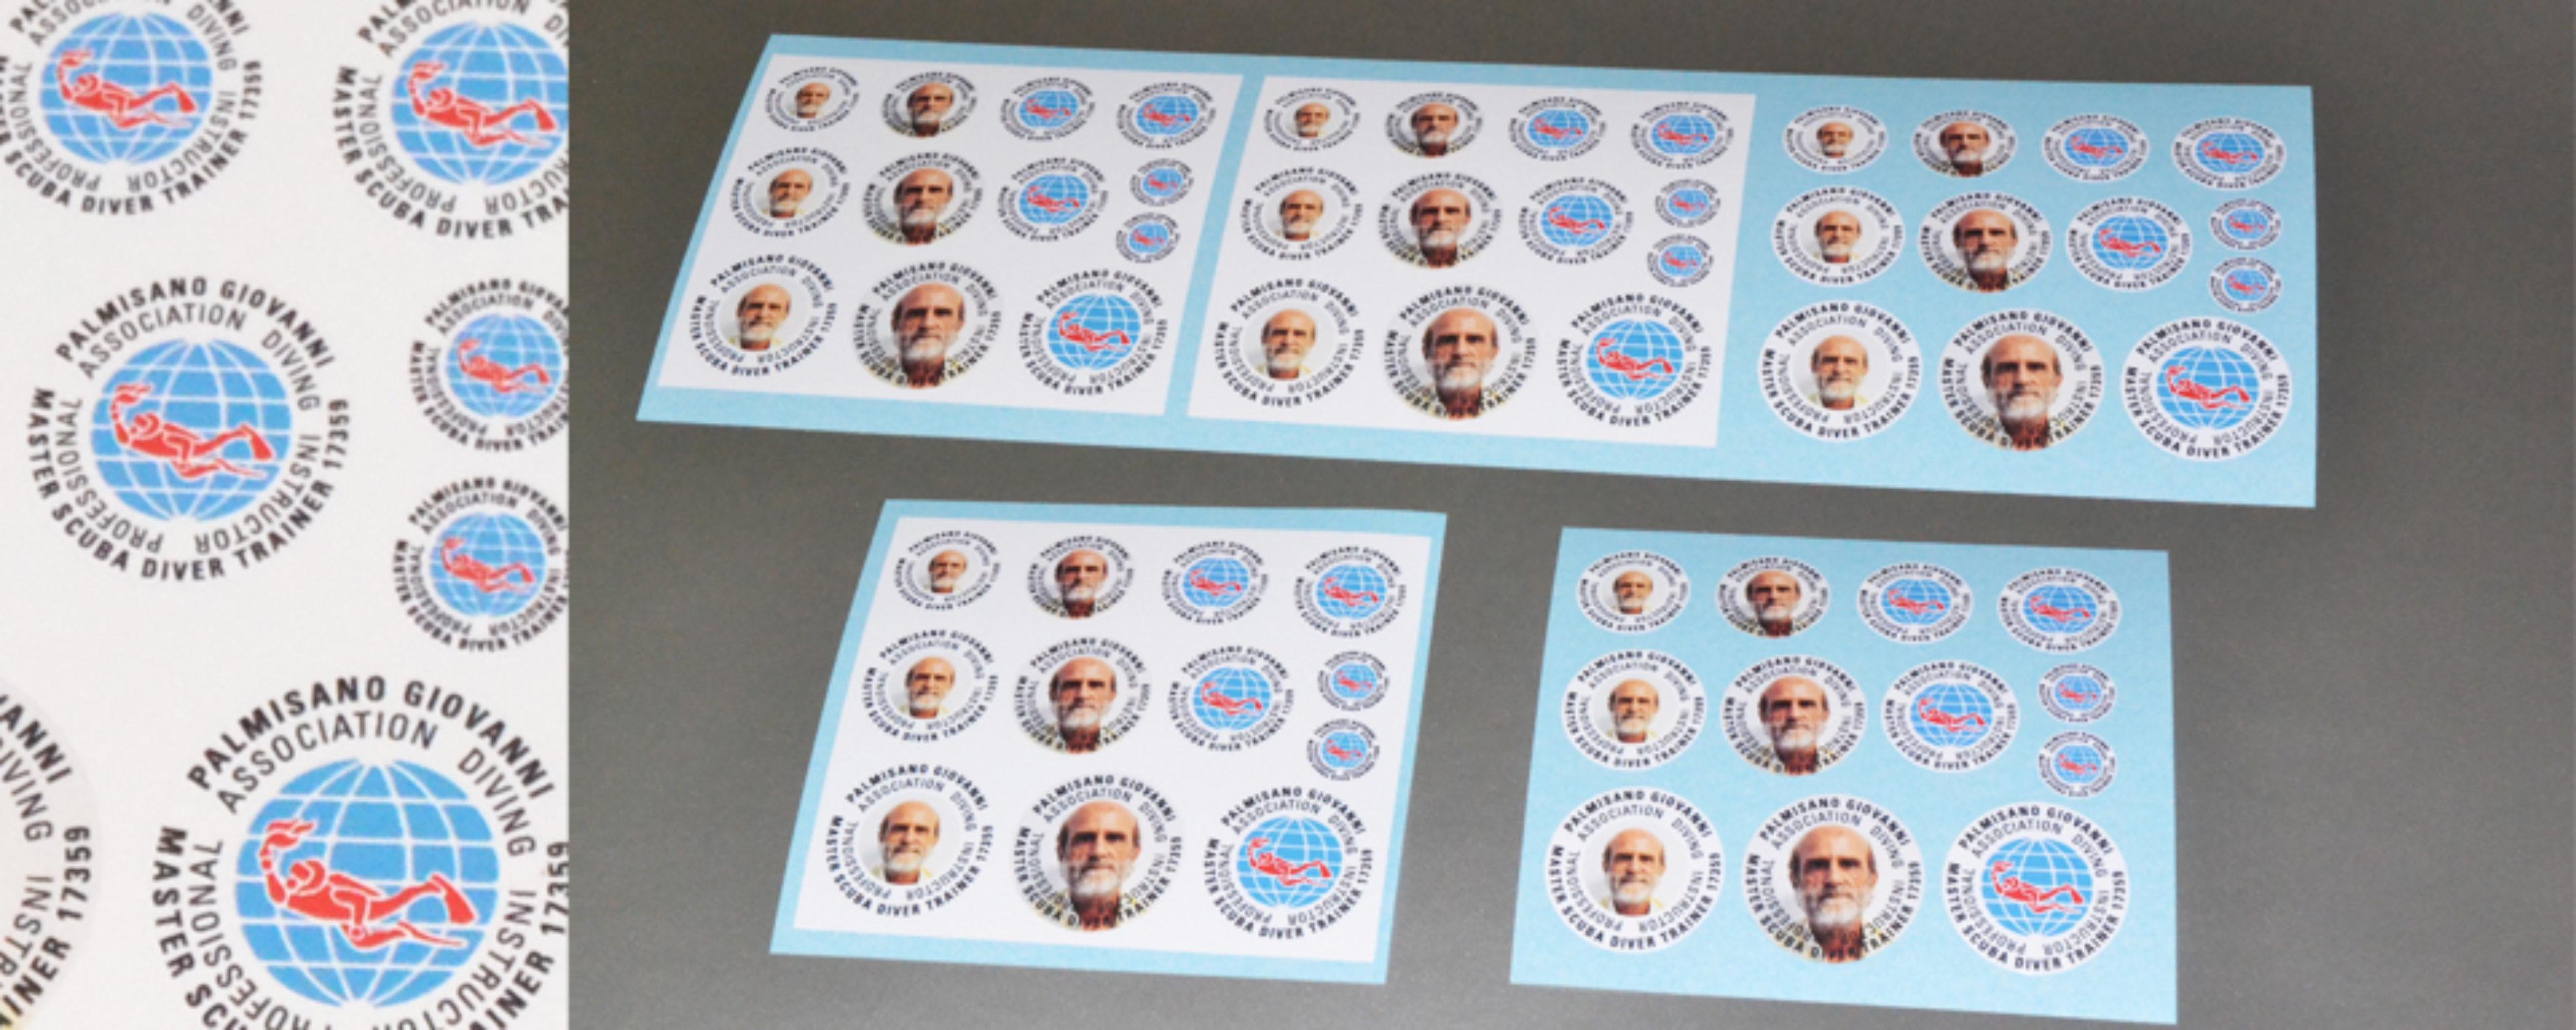 stickers_istruttori_subacquei